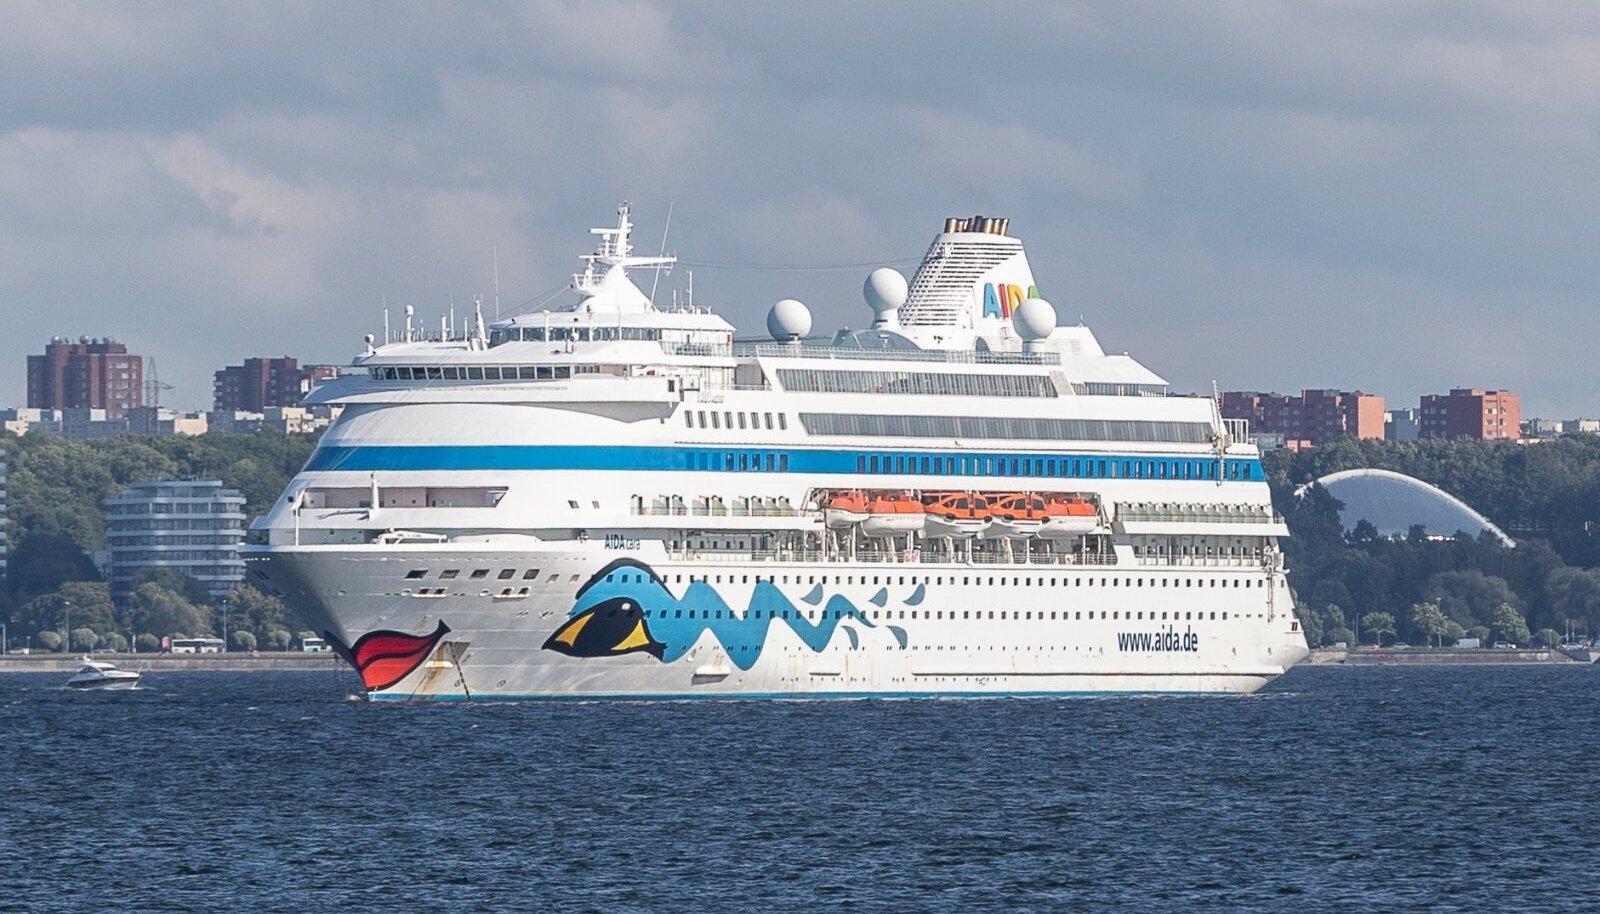 Aida kruiisilaevad Tallinna lahel 3.08.2020